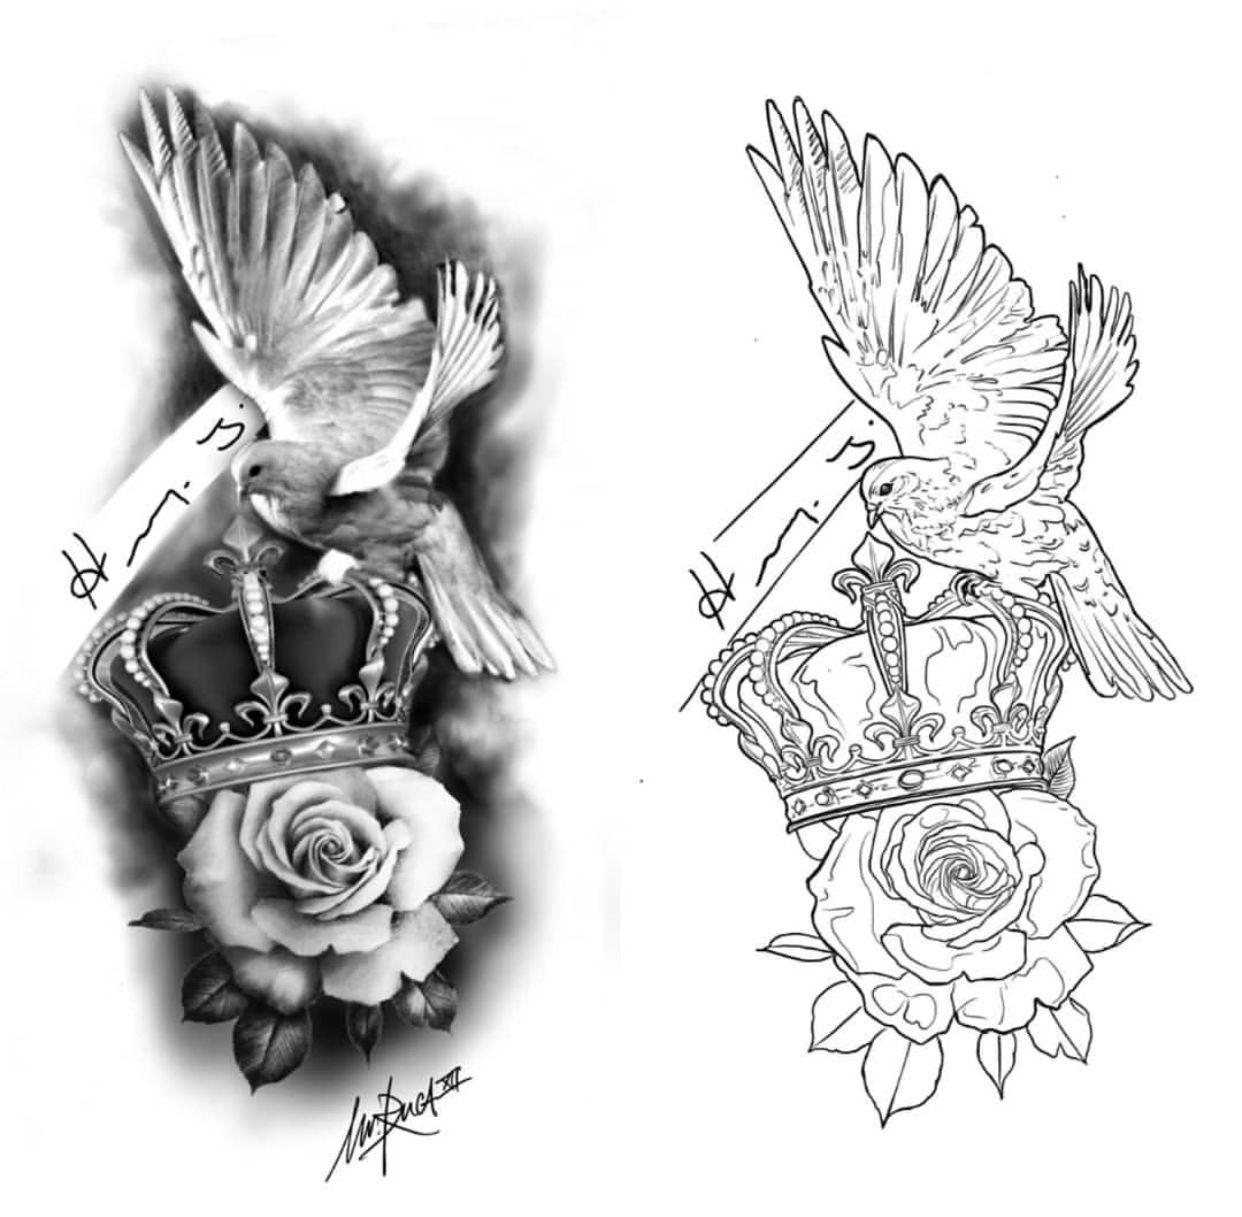 Stencil Floral Tattoo Sleeve Tattoo Design Drawings Tattoo Art Drawings